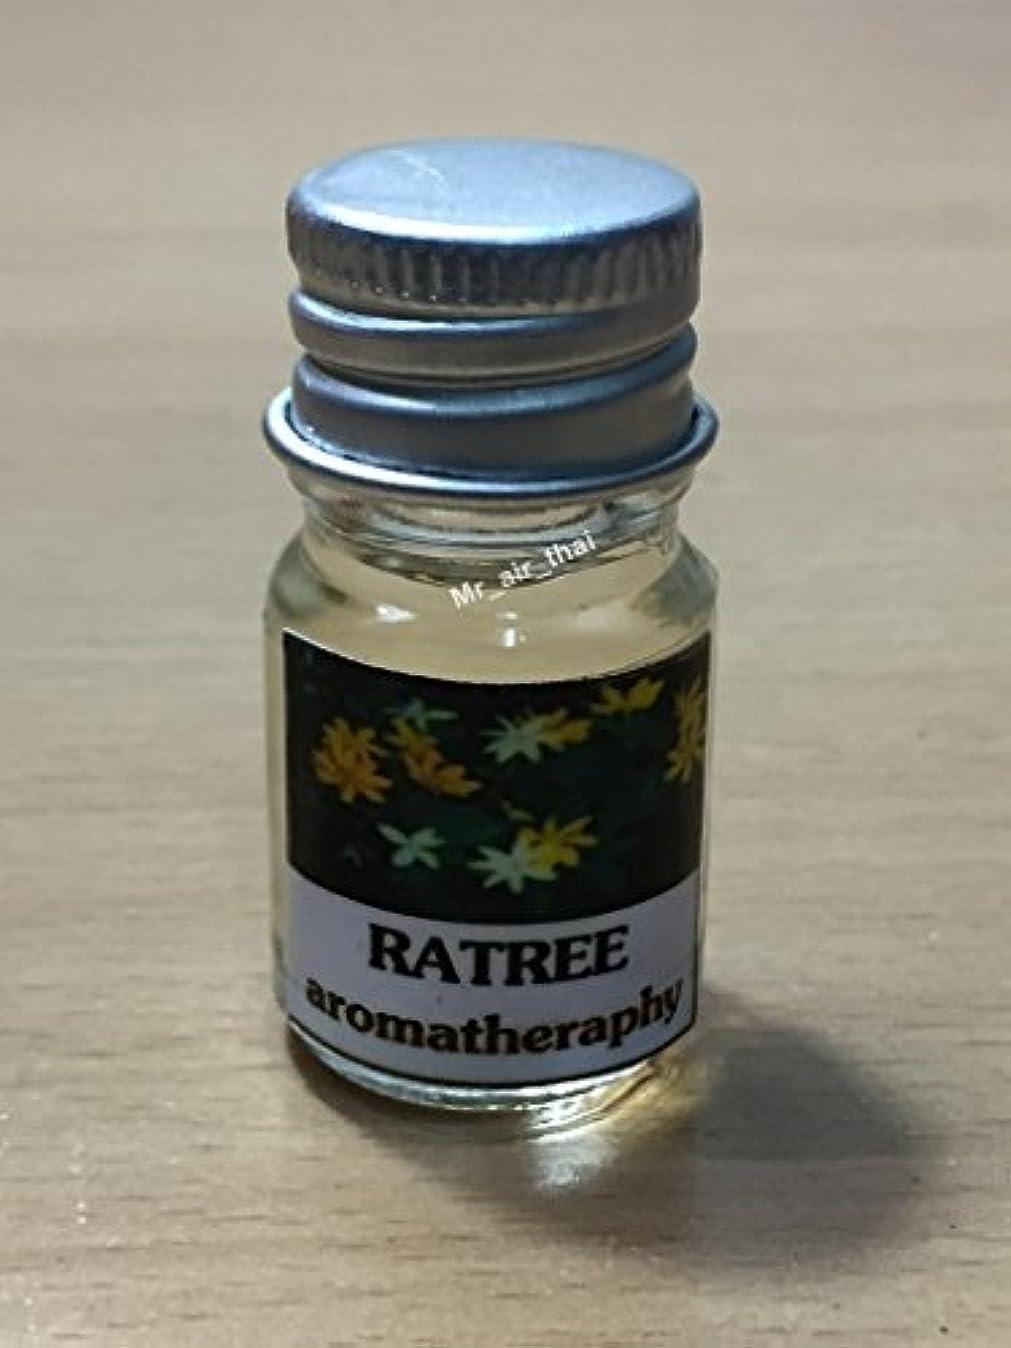 最後にソート例外5ミリリットルアロマRatreeフランクインセンスエッセンシャルオイルボトルアロマテラピーオイル自然自然5ml Aroma Ratree Frankincense Essential Oil Bottles Aromatherapy...